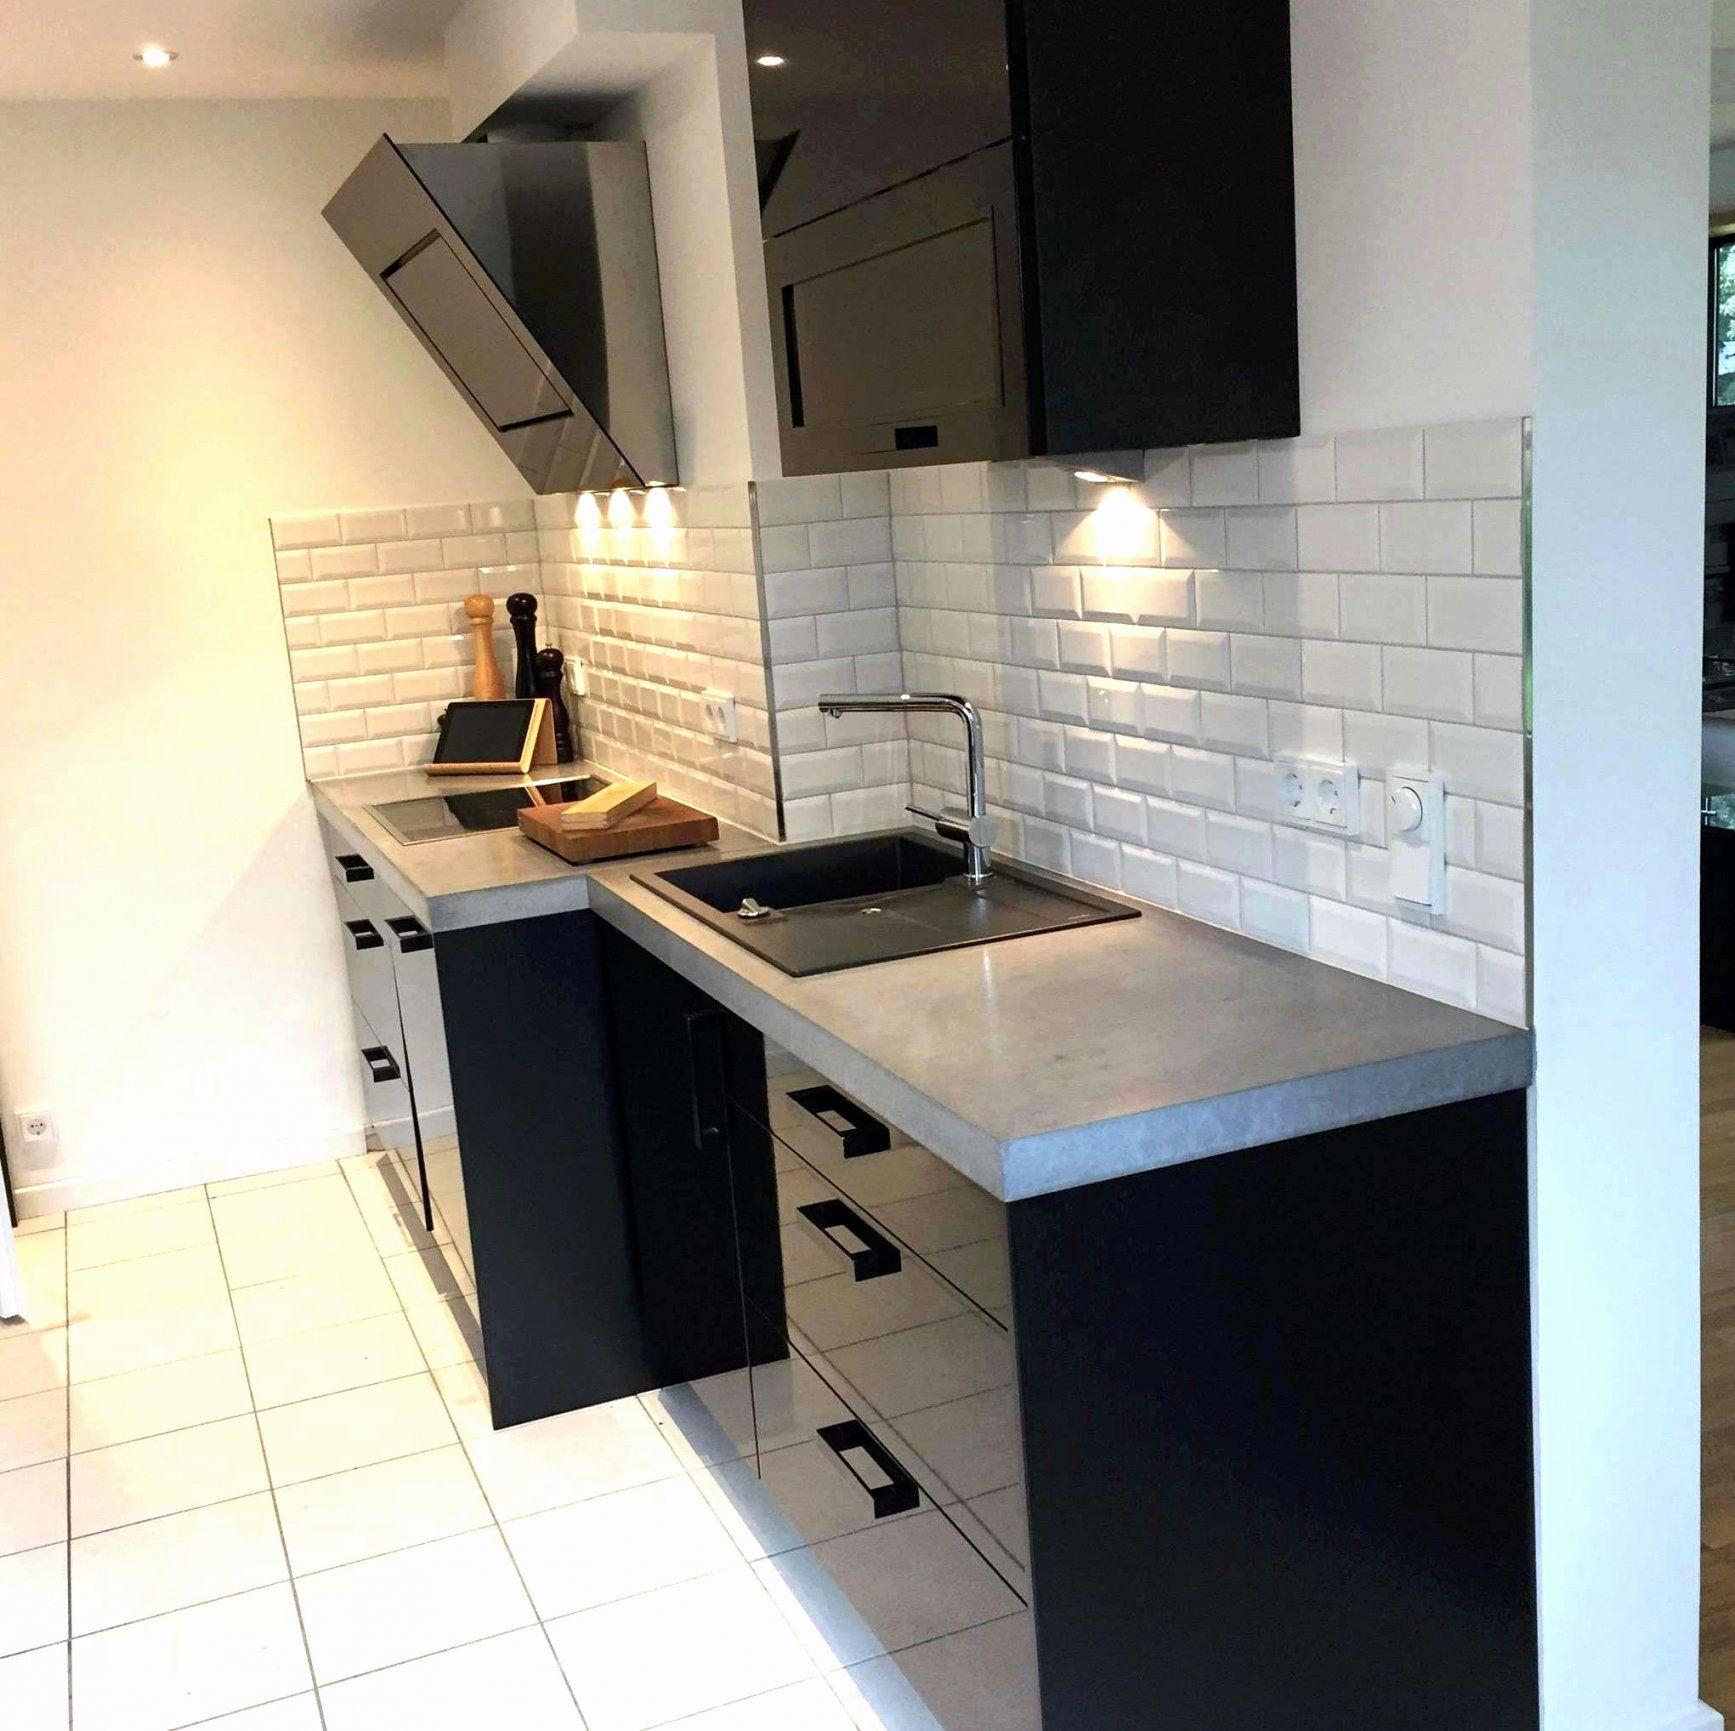 Rustikale Küche Selber Bauen Küche folieren, Küche